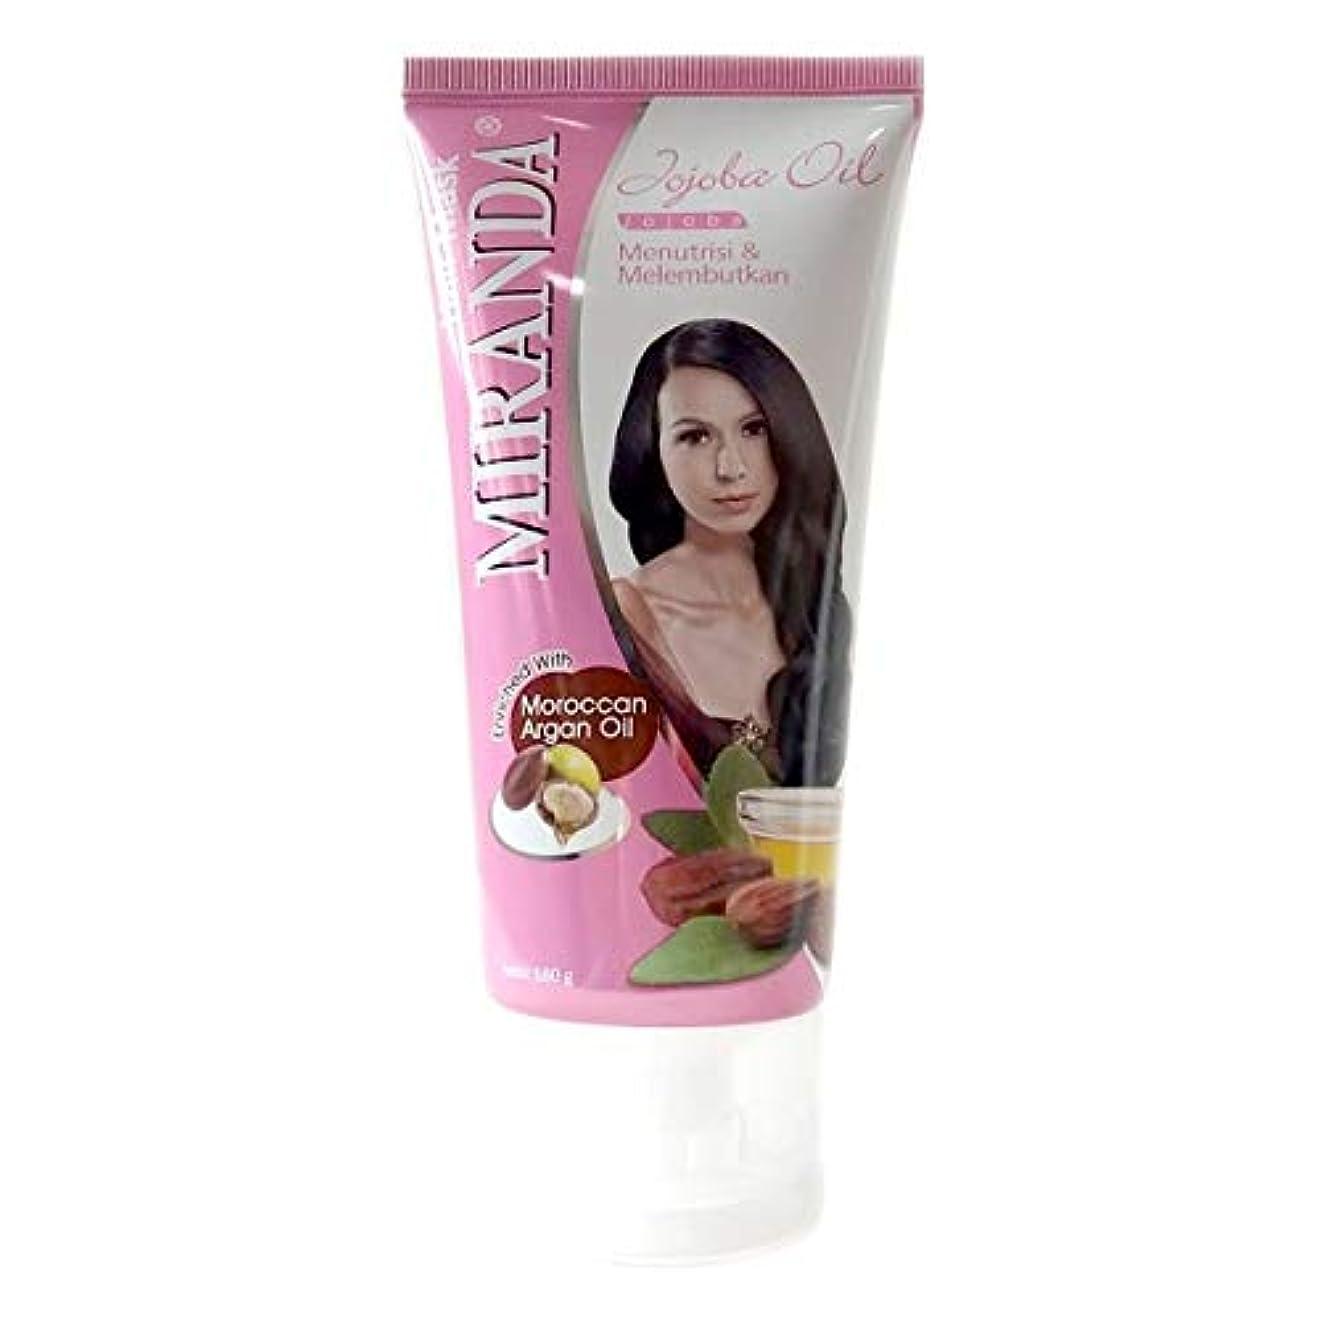 不毛ワーム論理MIRANDA ミランダ Hair Mask ヘアマスク モロッカンアルガンオイル主成分のヘアトリートメント 160g Jojoba oil ホホバオイル [海外直送品]